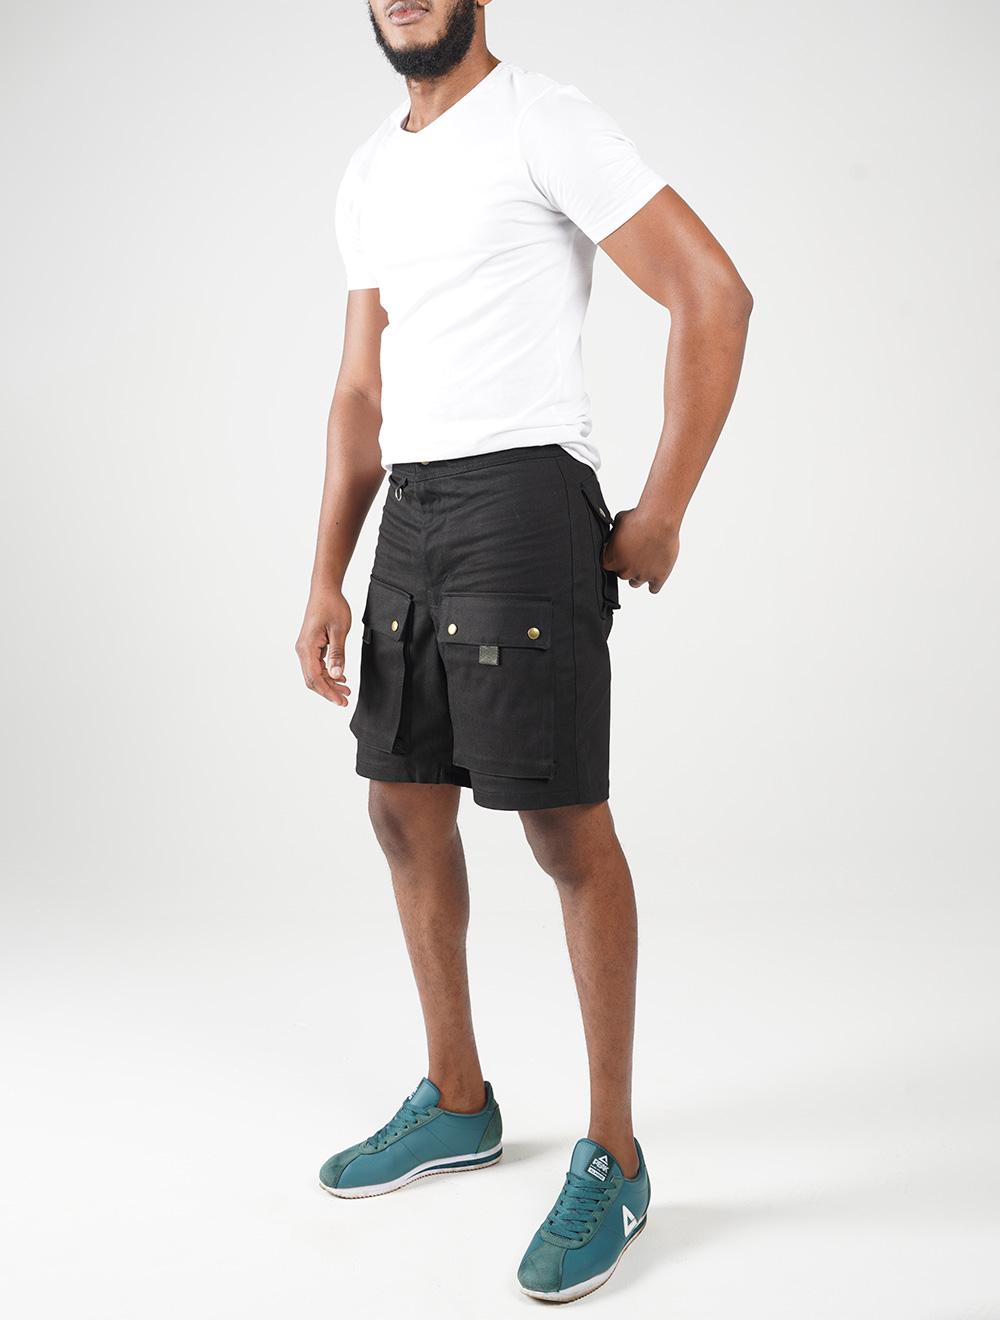 Inkunz'emnyama 3D shorts